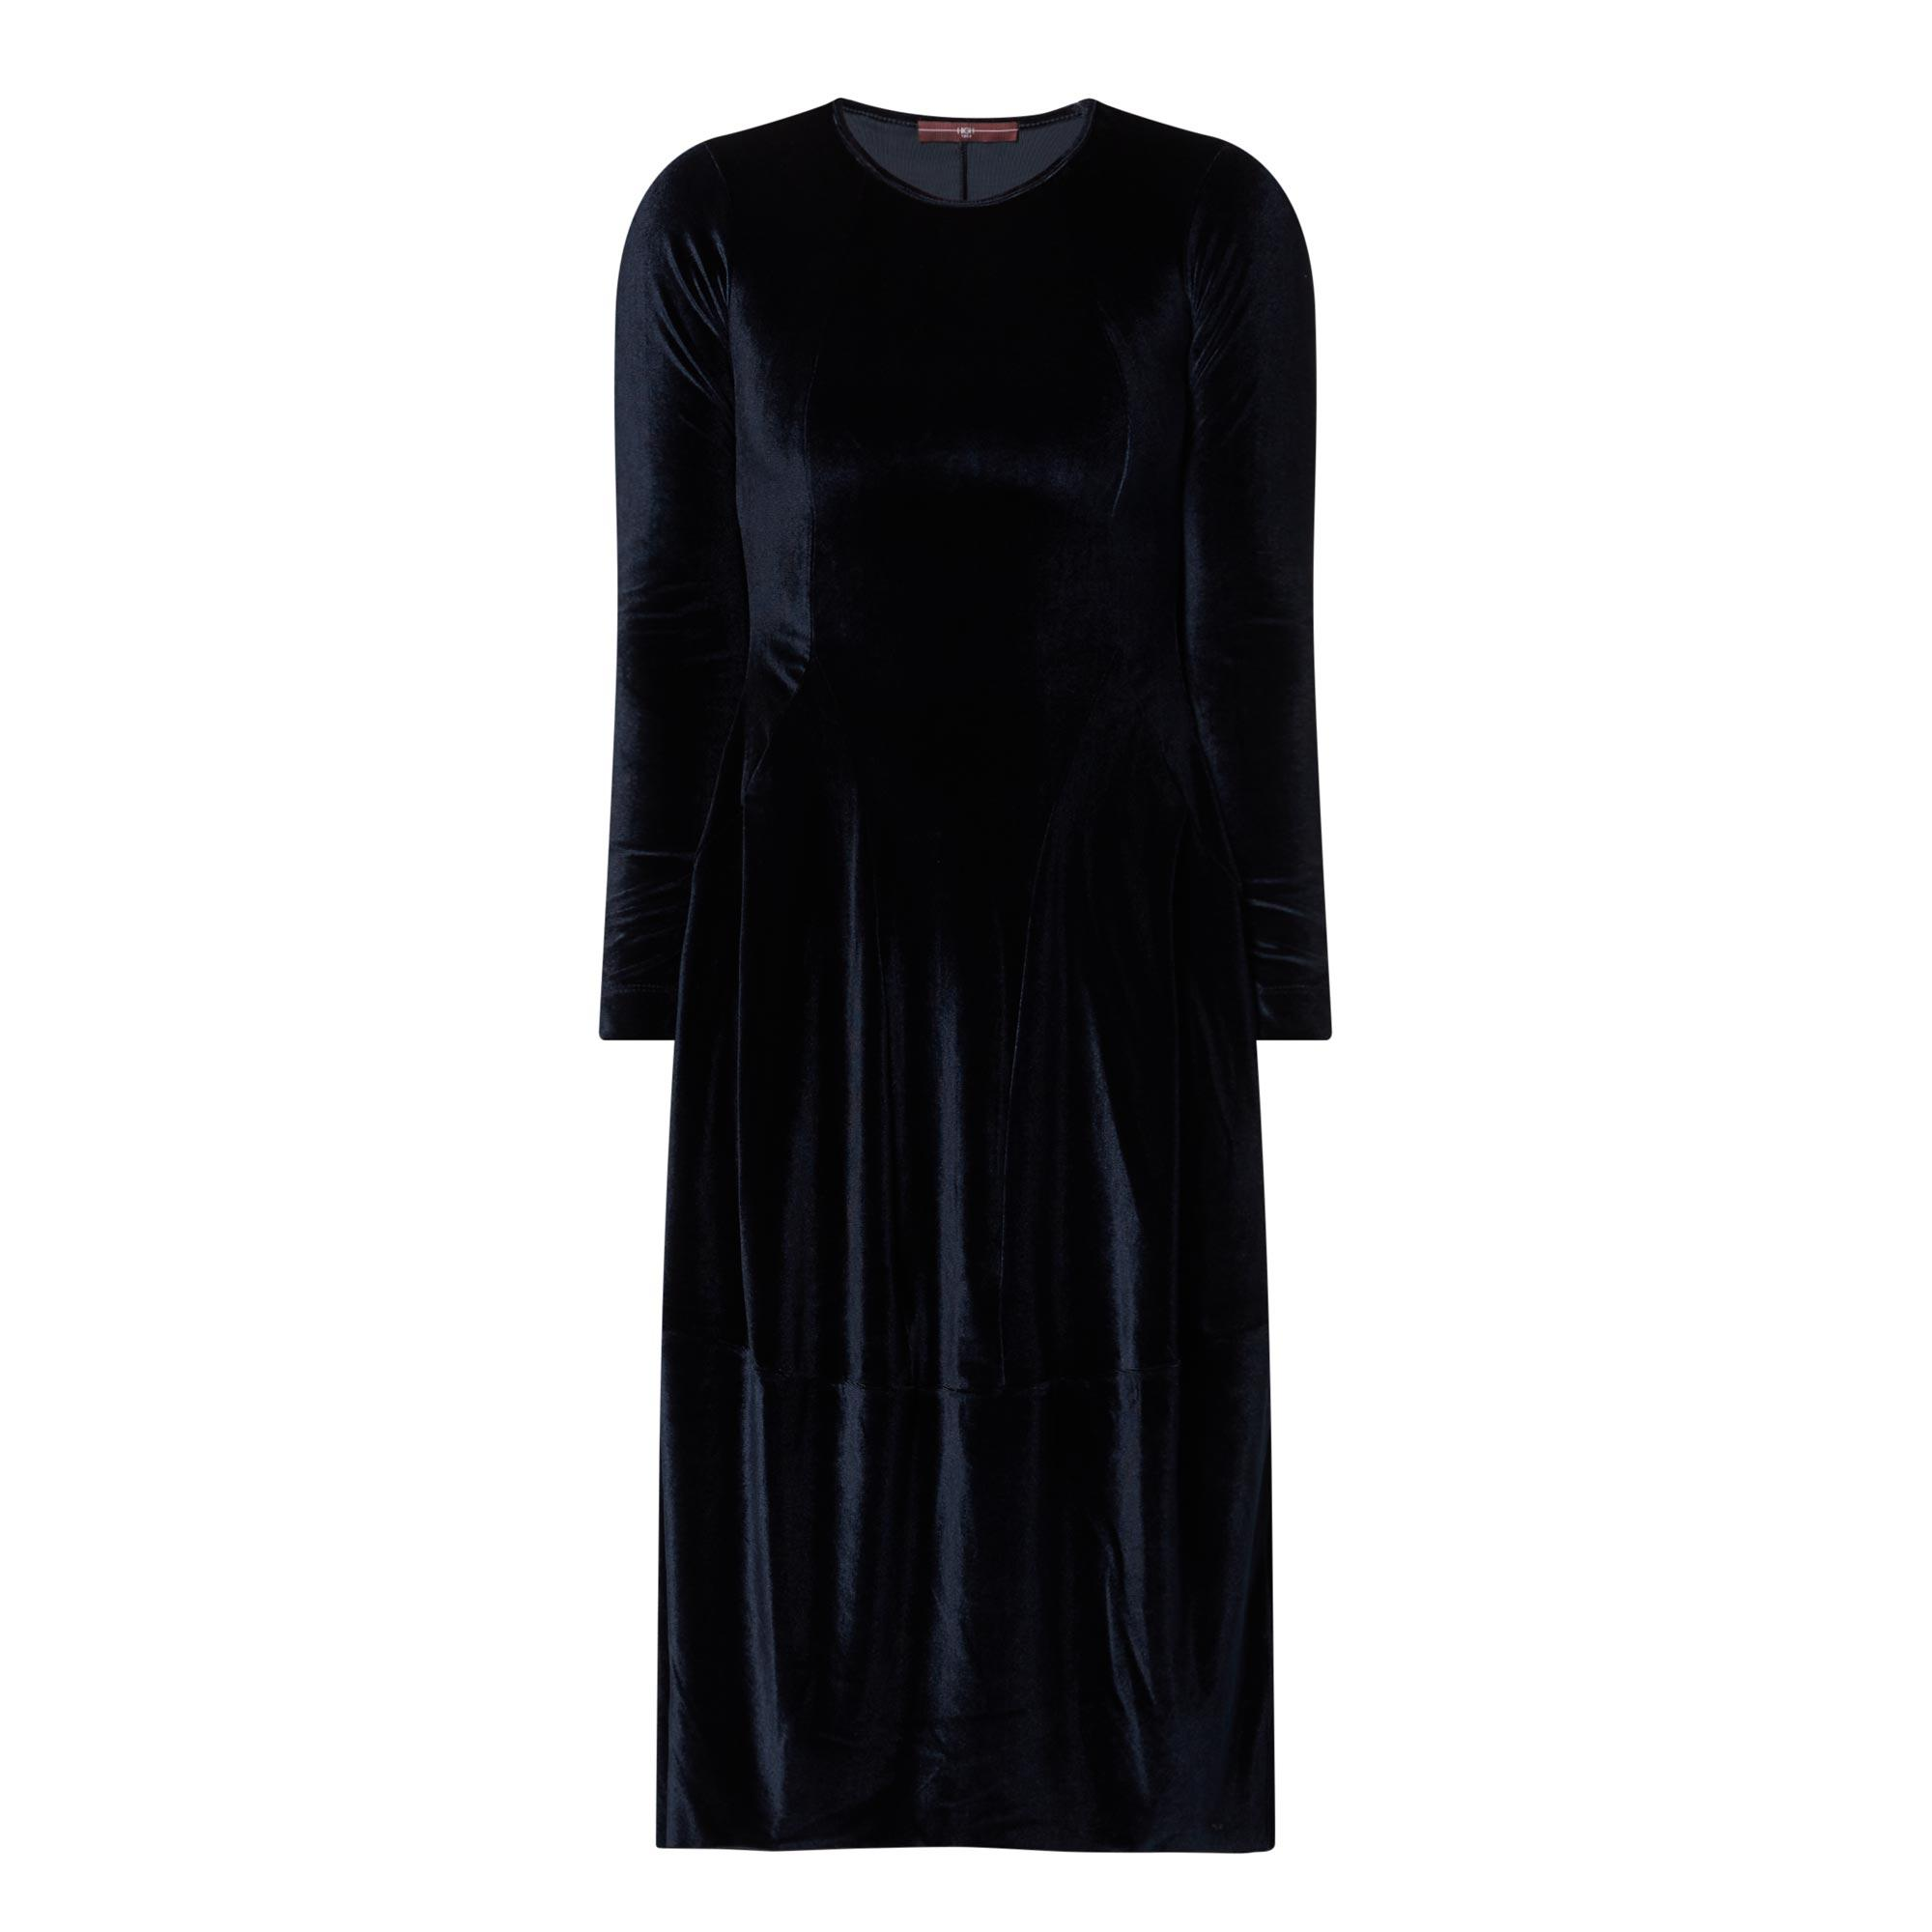 At Length Velvet Dress